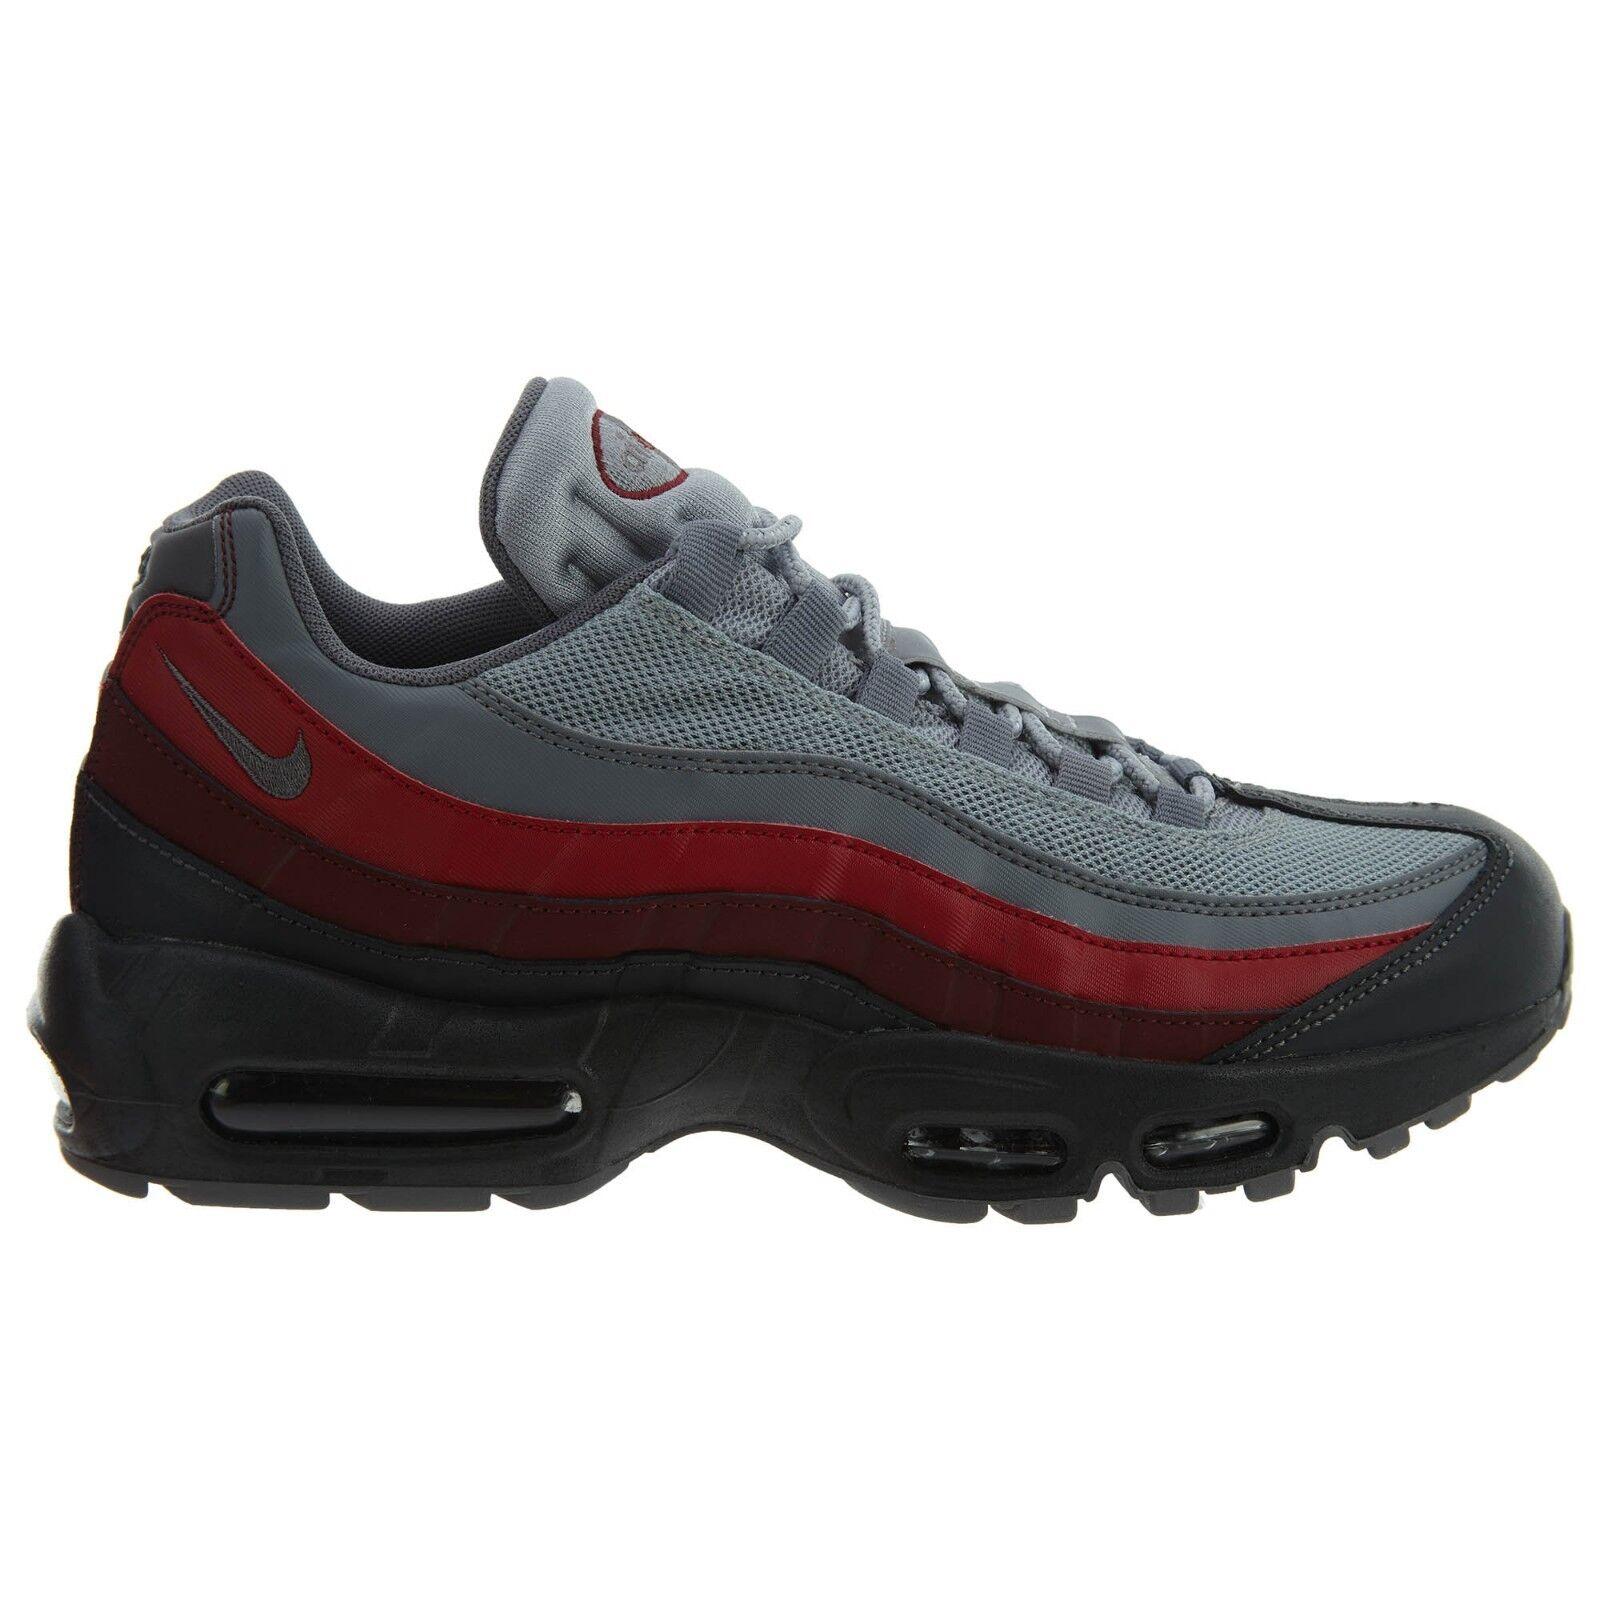 Nike Air Max 95 esencial rojo Hombre 749766-025 Cool gris rojo esencial zapatos para correr cómodo especial de tiempo limitado 3a371a